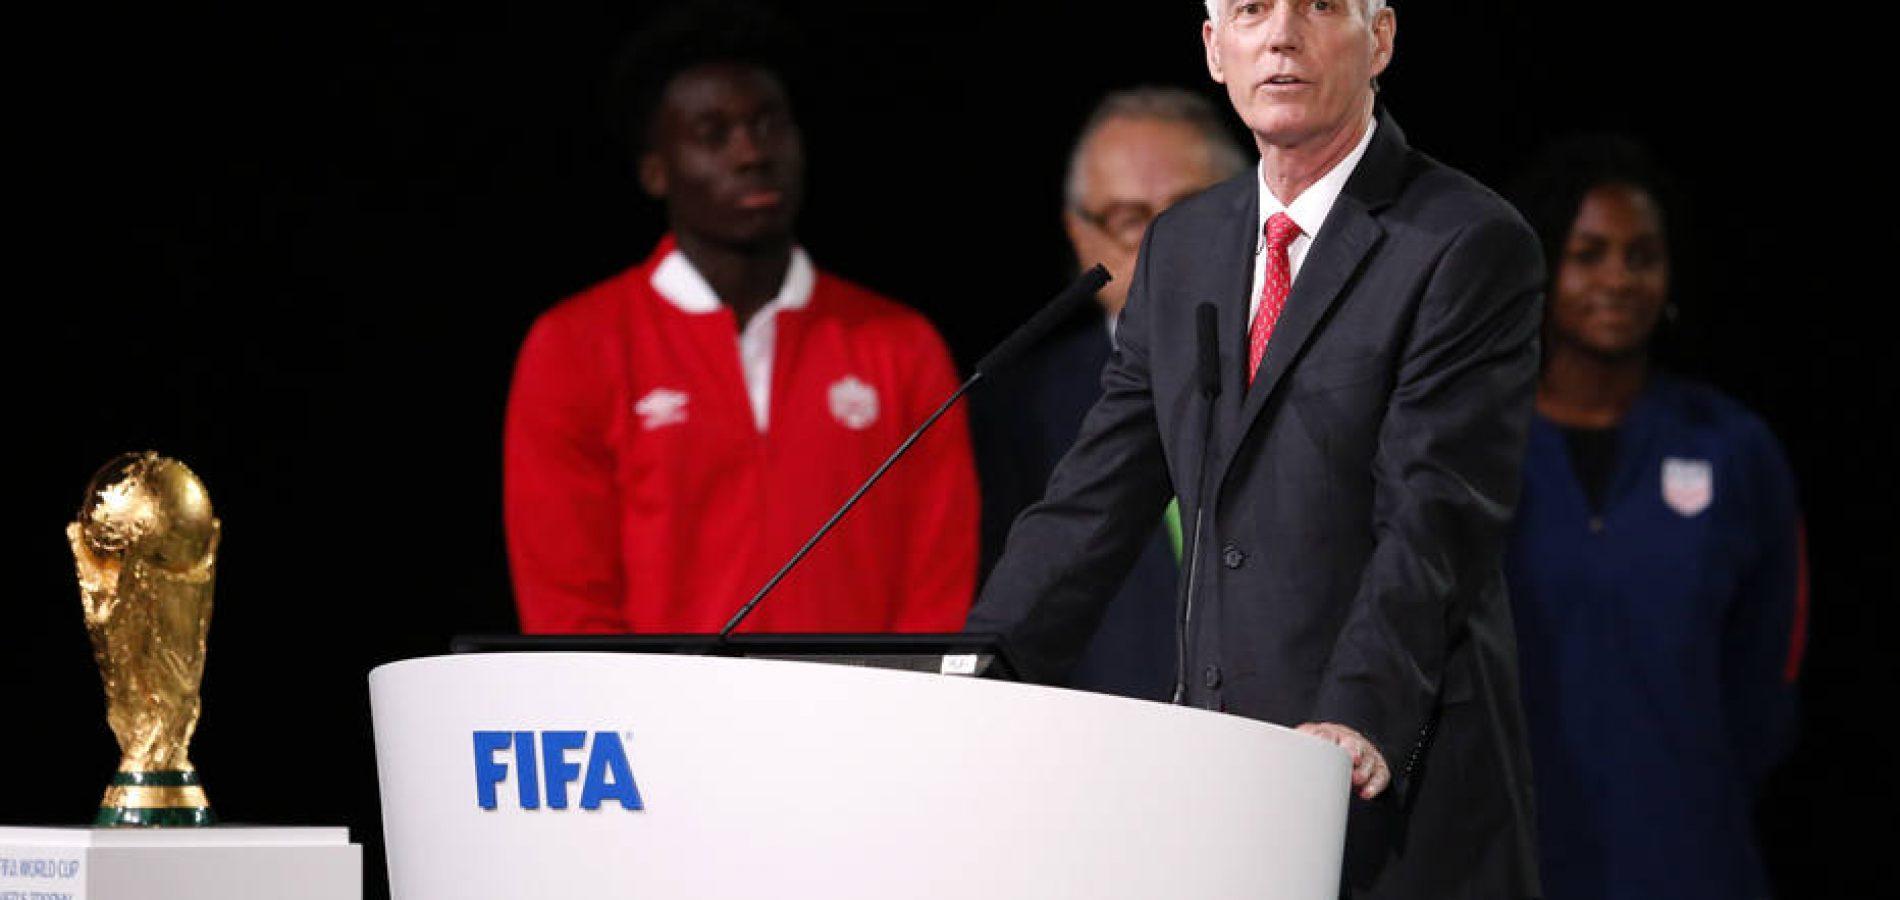 Copa do Mundo será realizada em três países em 2026